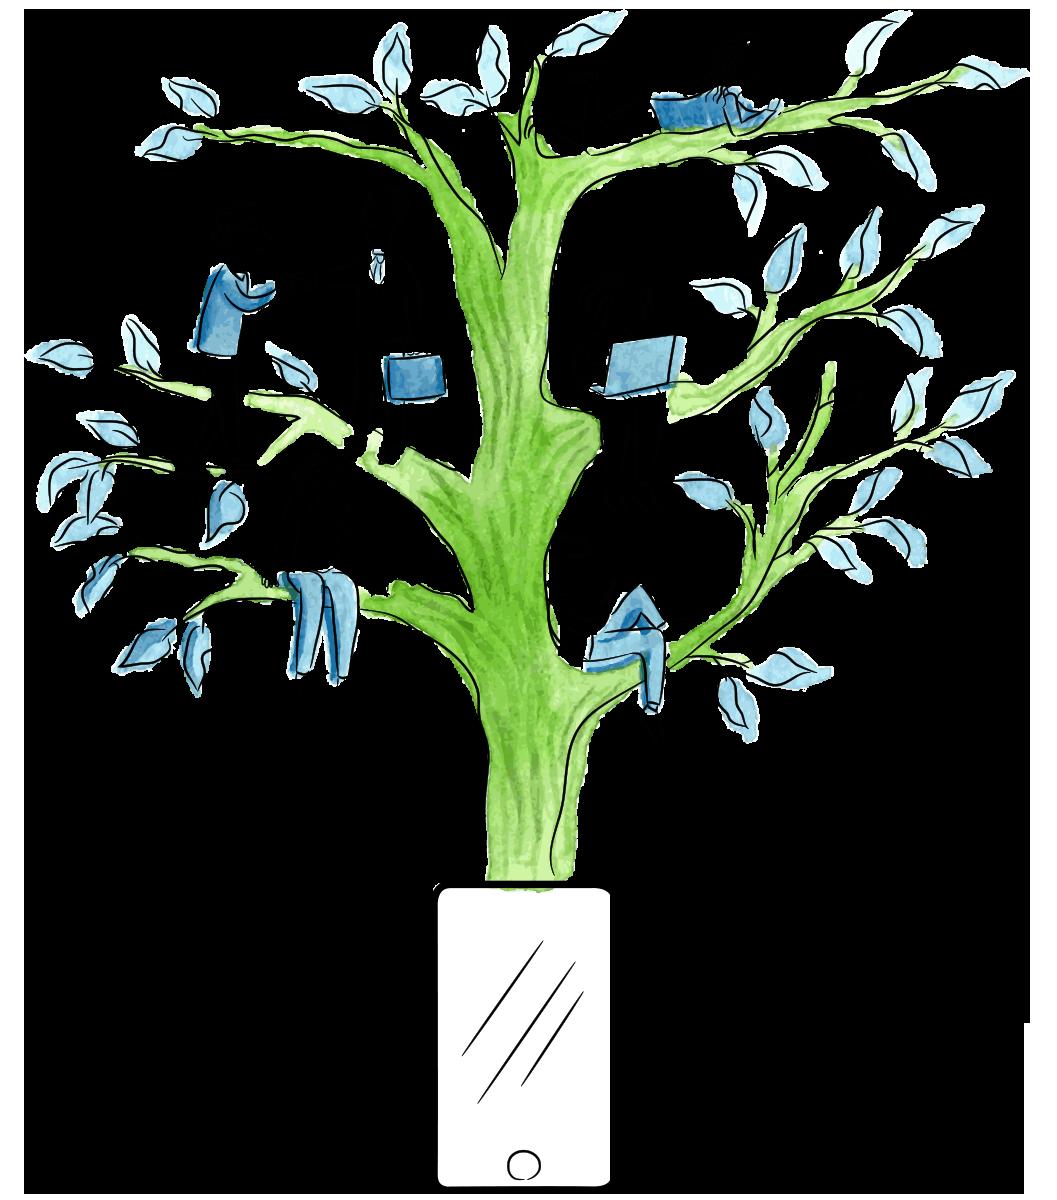 Árbol creciendo desde un dispositivo móvil con personas interactuando digitalmente sobre él